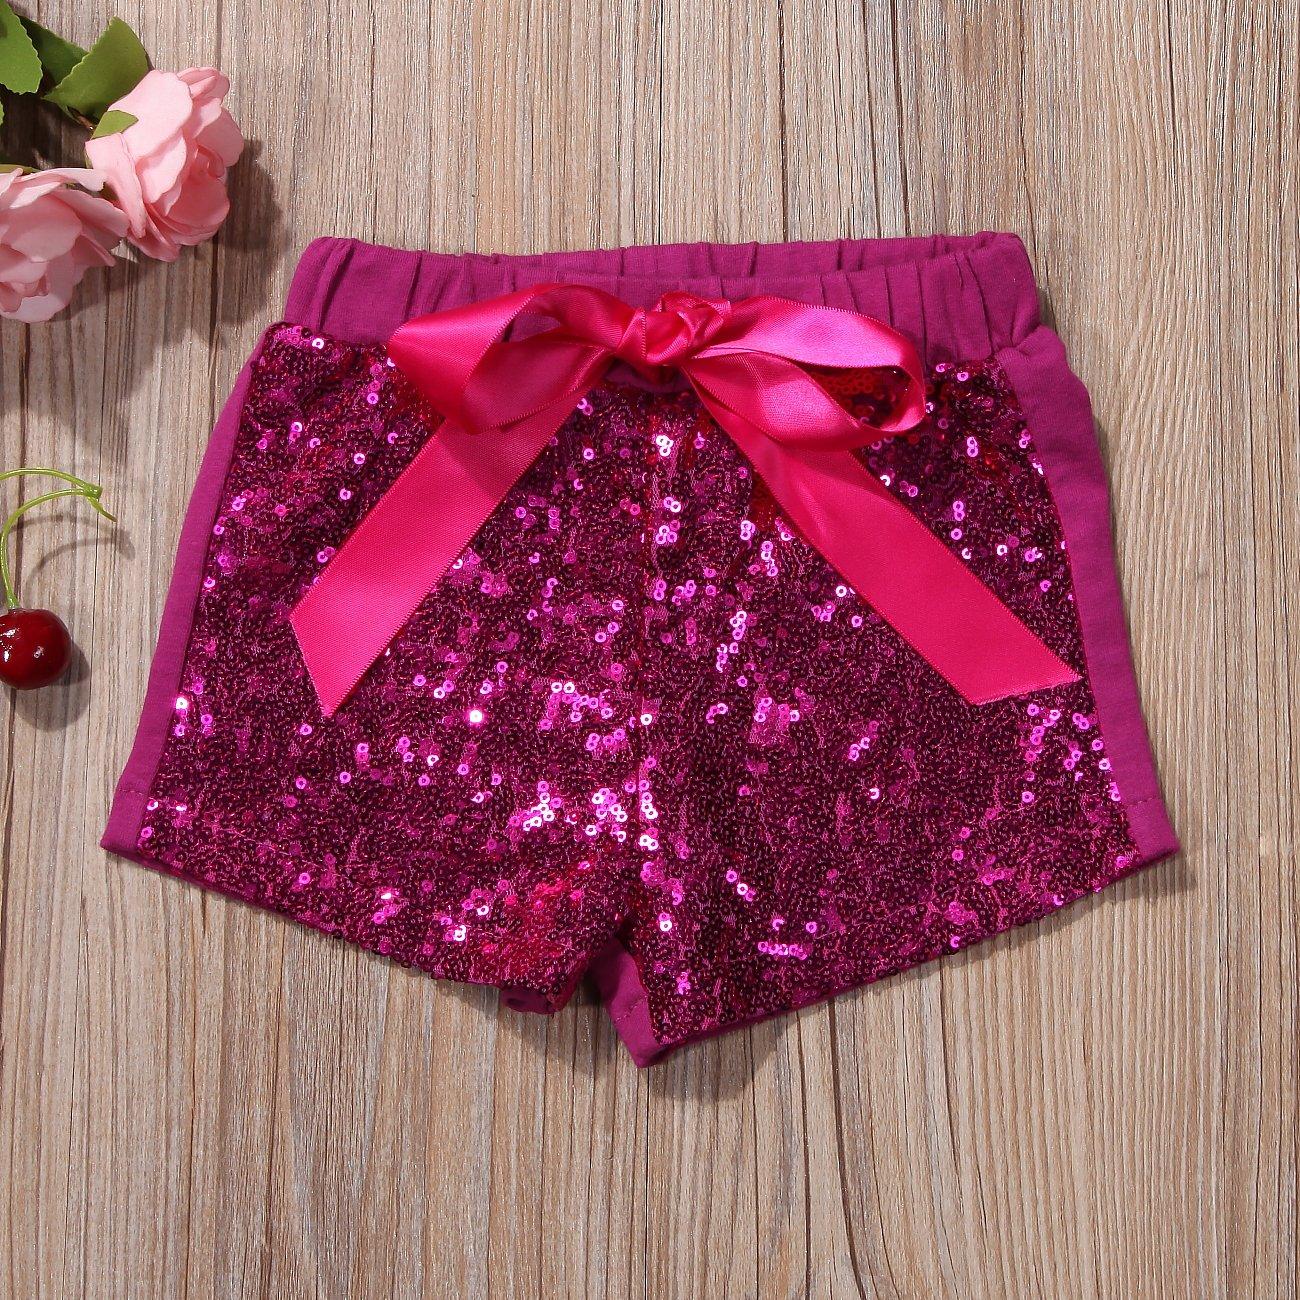 Gogoboi Bling Sequin Shorts for Kid Girls 1-5T